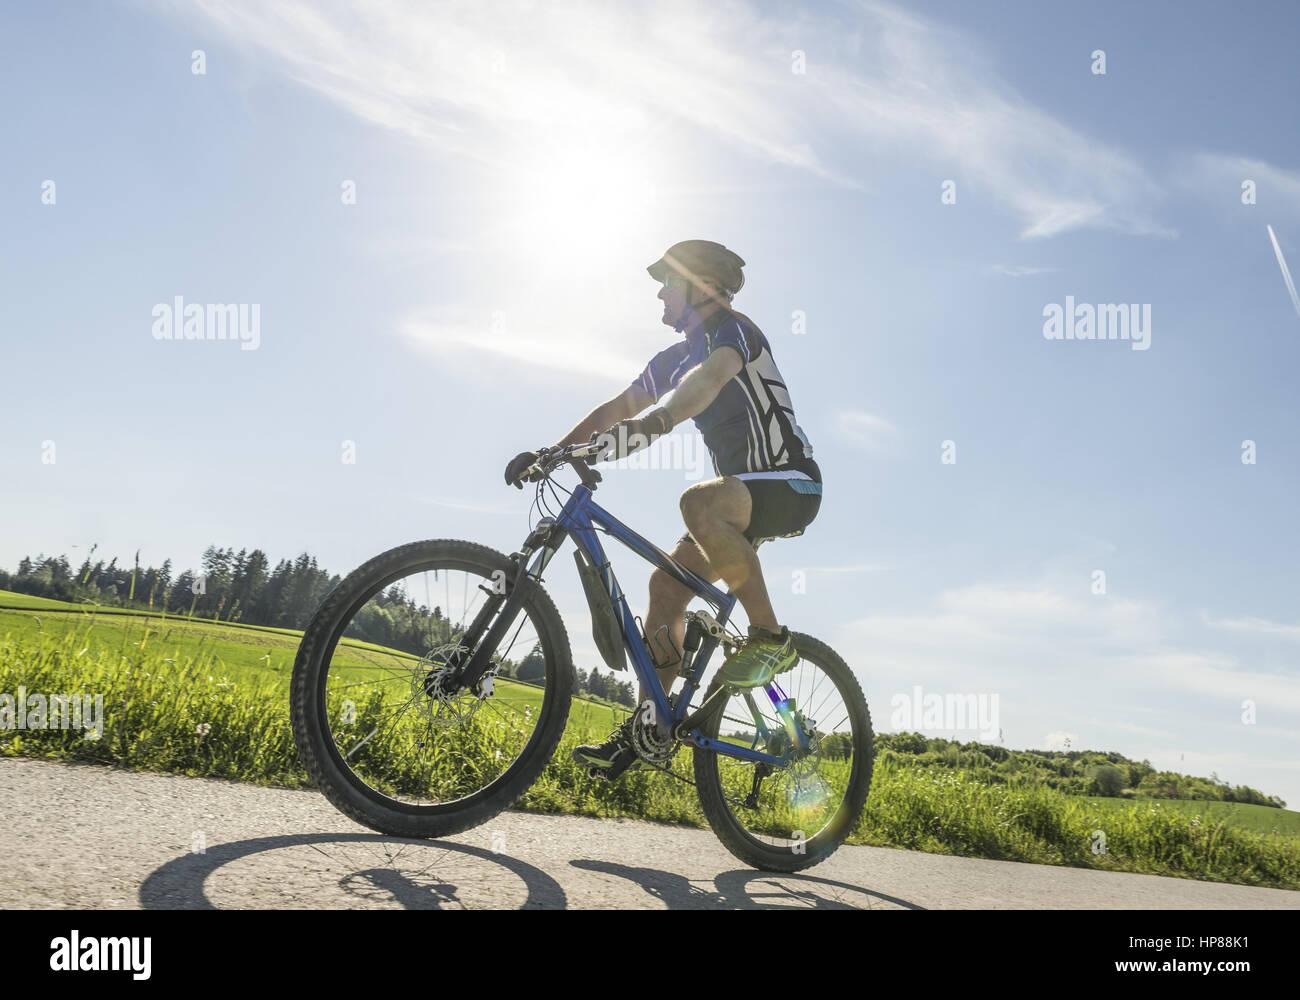 Mann faehrt auf einem Mountainbike (model-released) - Stock Image